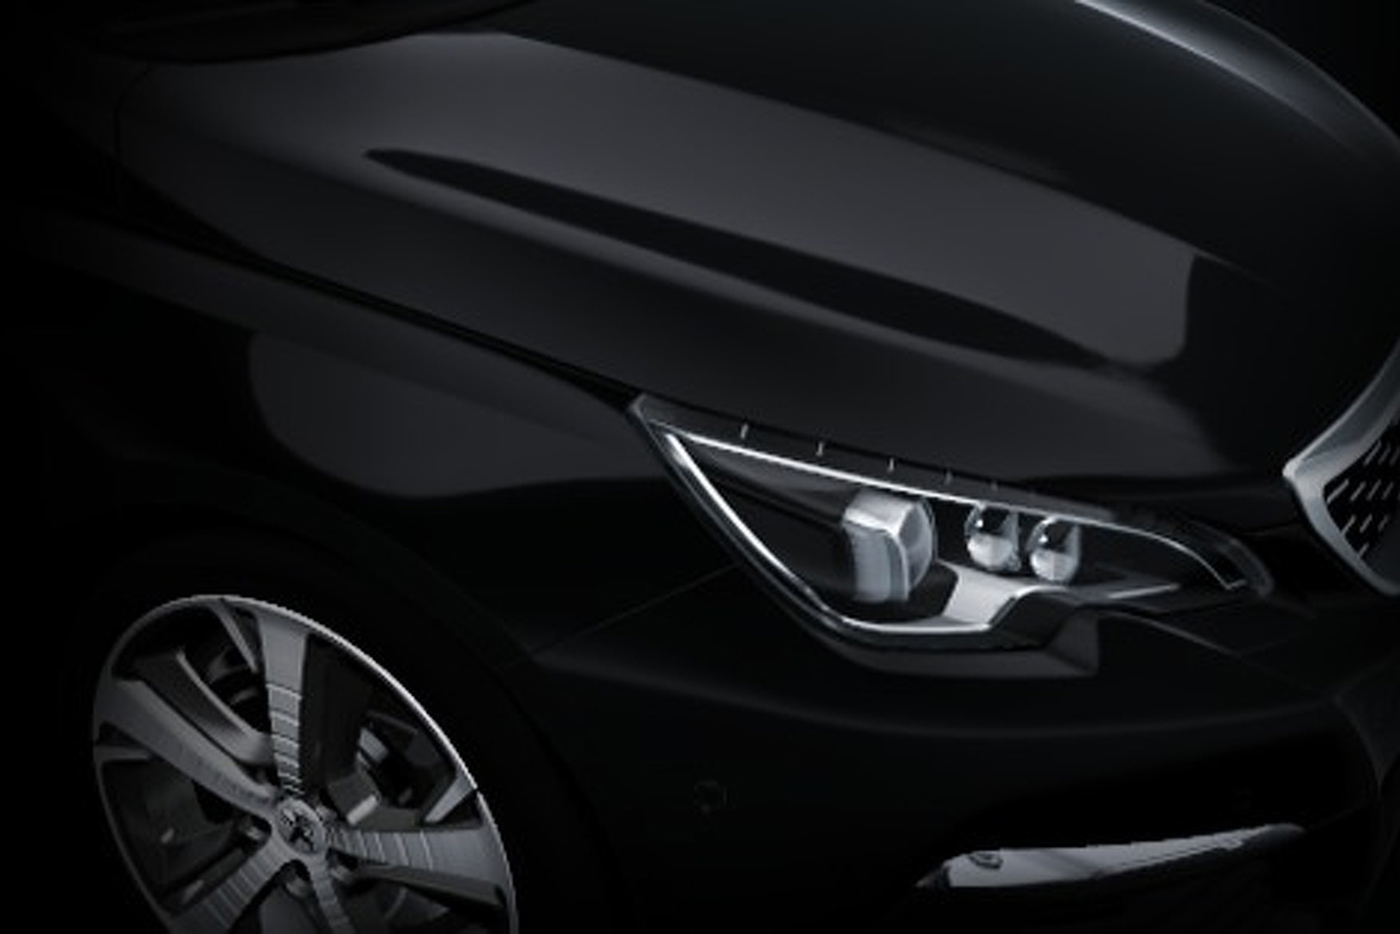 peugeot-308-facelift-2018-3.jpg